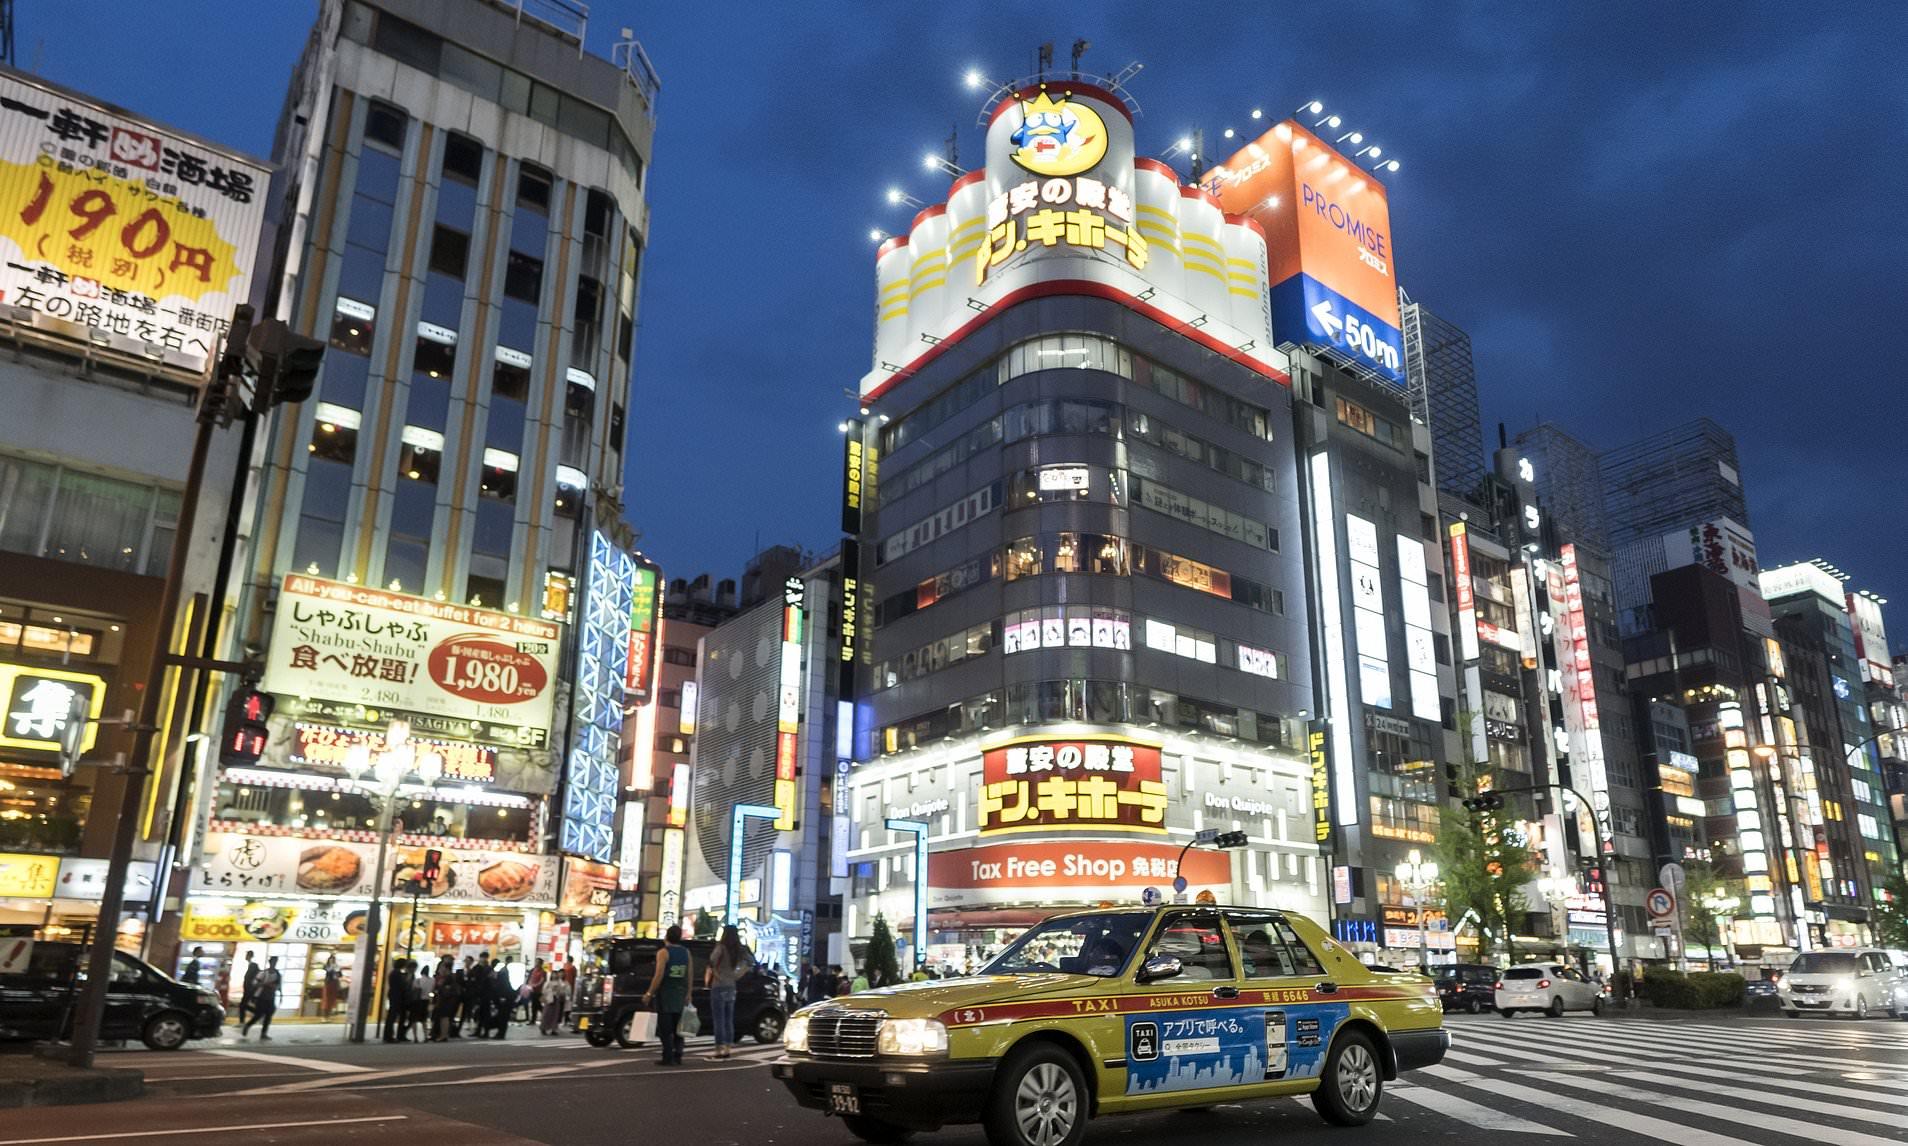 Japon Taksileri, Reklam Hedeflemesi Yapmak İçin Yüz Tanıma Teknolojisi Kullanıyor